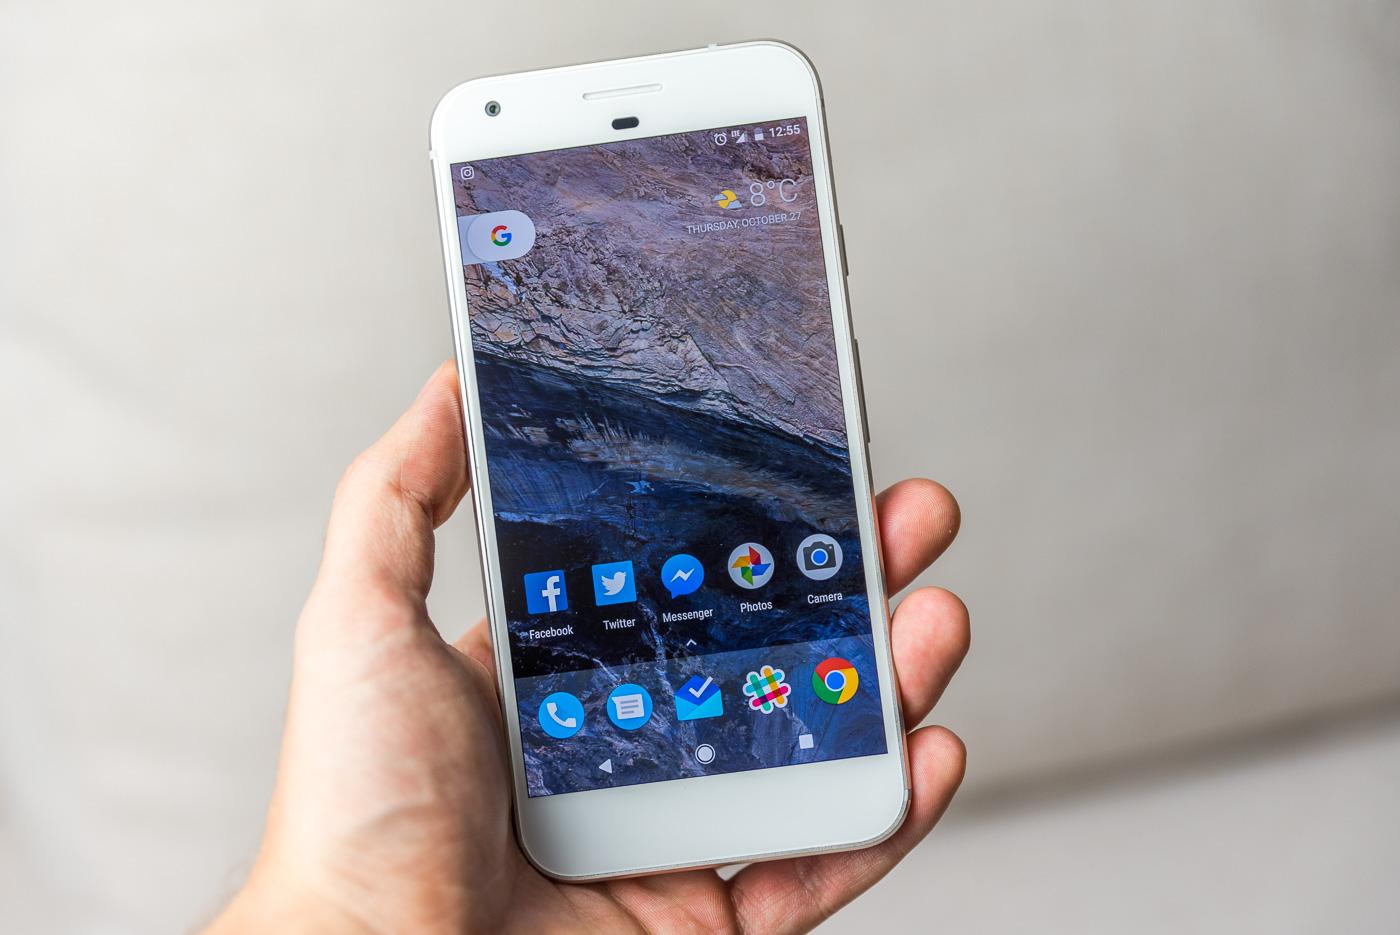 Dostałeś telefon z Androidem pod choinkę? Oto aplikacje foto, które musisz zainstalować